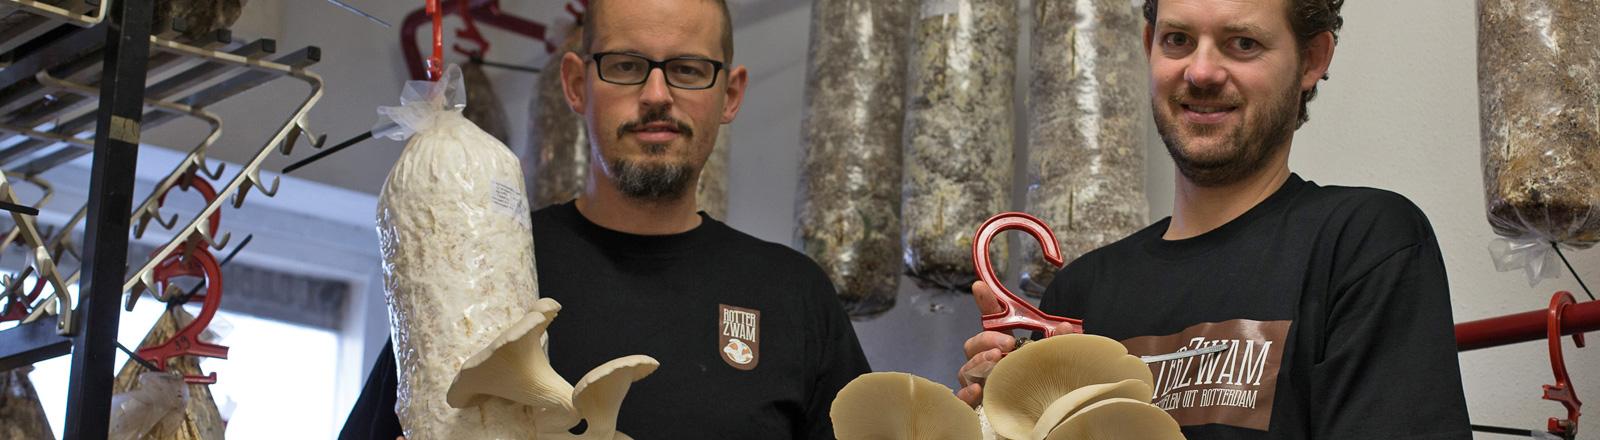 Siemen Cox und Mark Slegers stehen nebeneinander. Sie halten gefüllte Tüten in den Händen, aus denen Pilze seitlich herauswachsen.